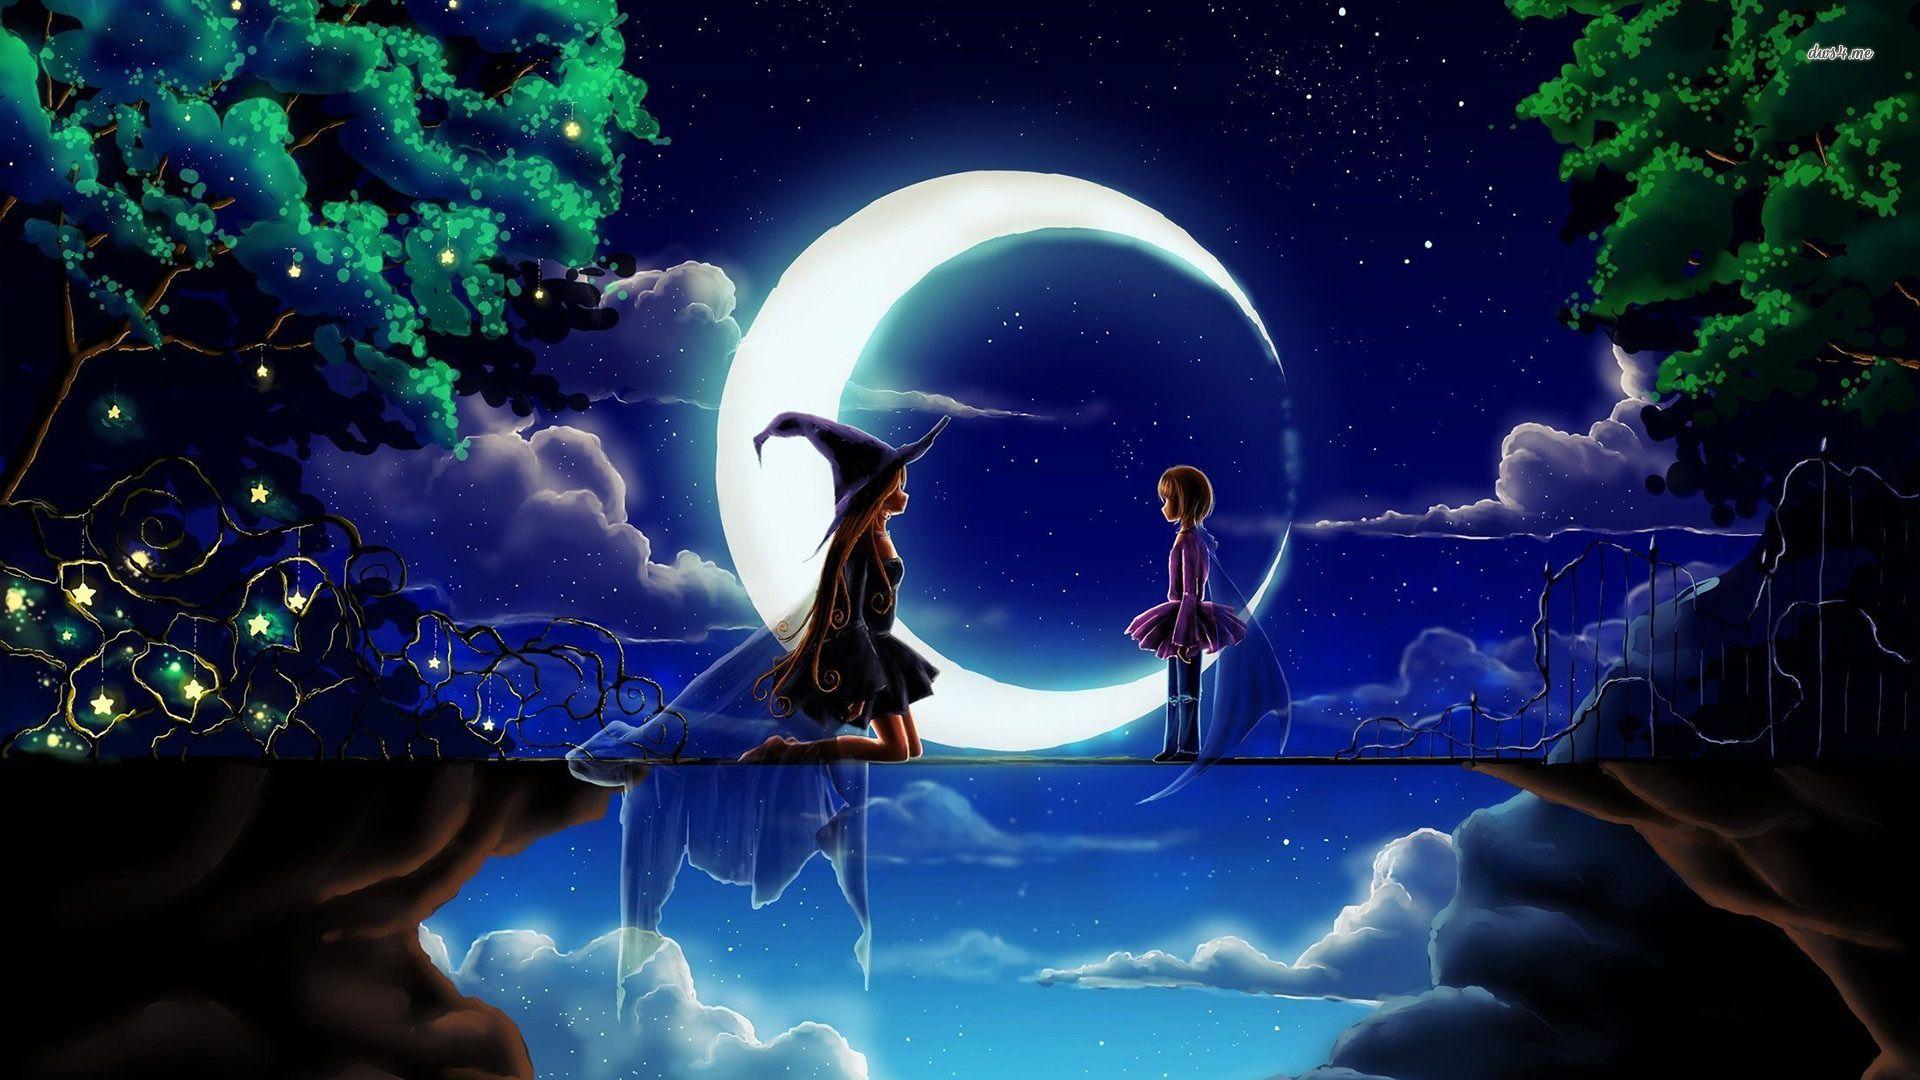 Anime Witch Fond d'écran Les arts, Paysage féerique